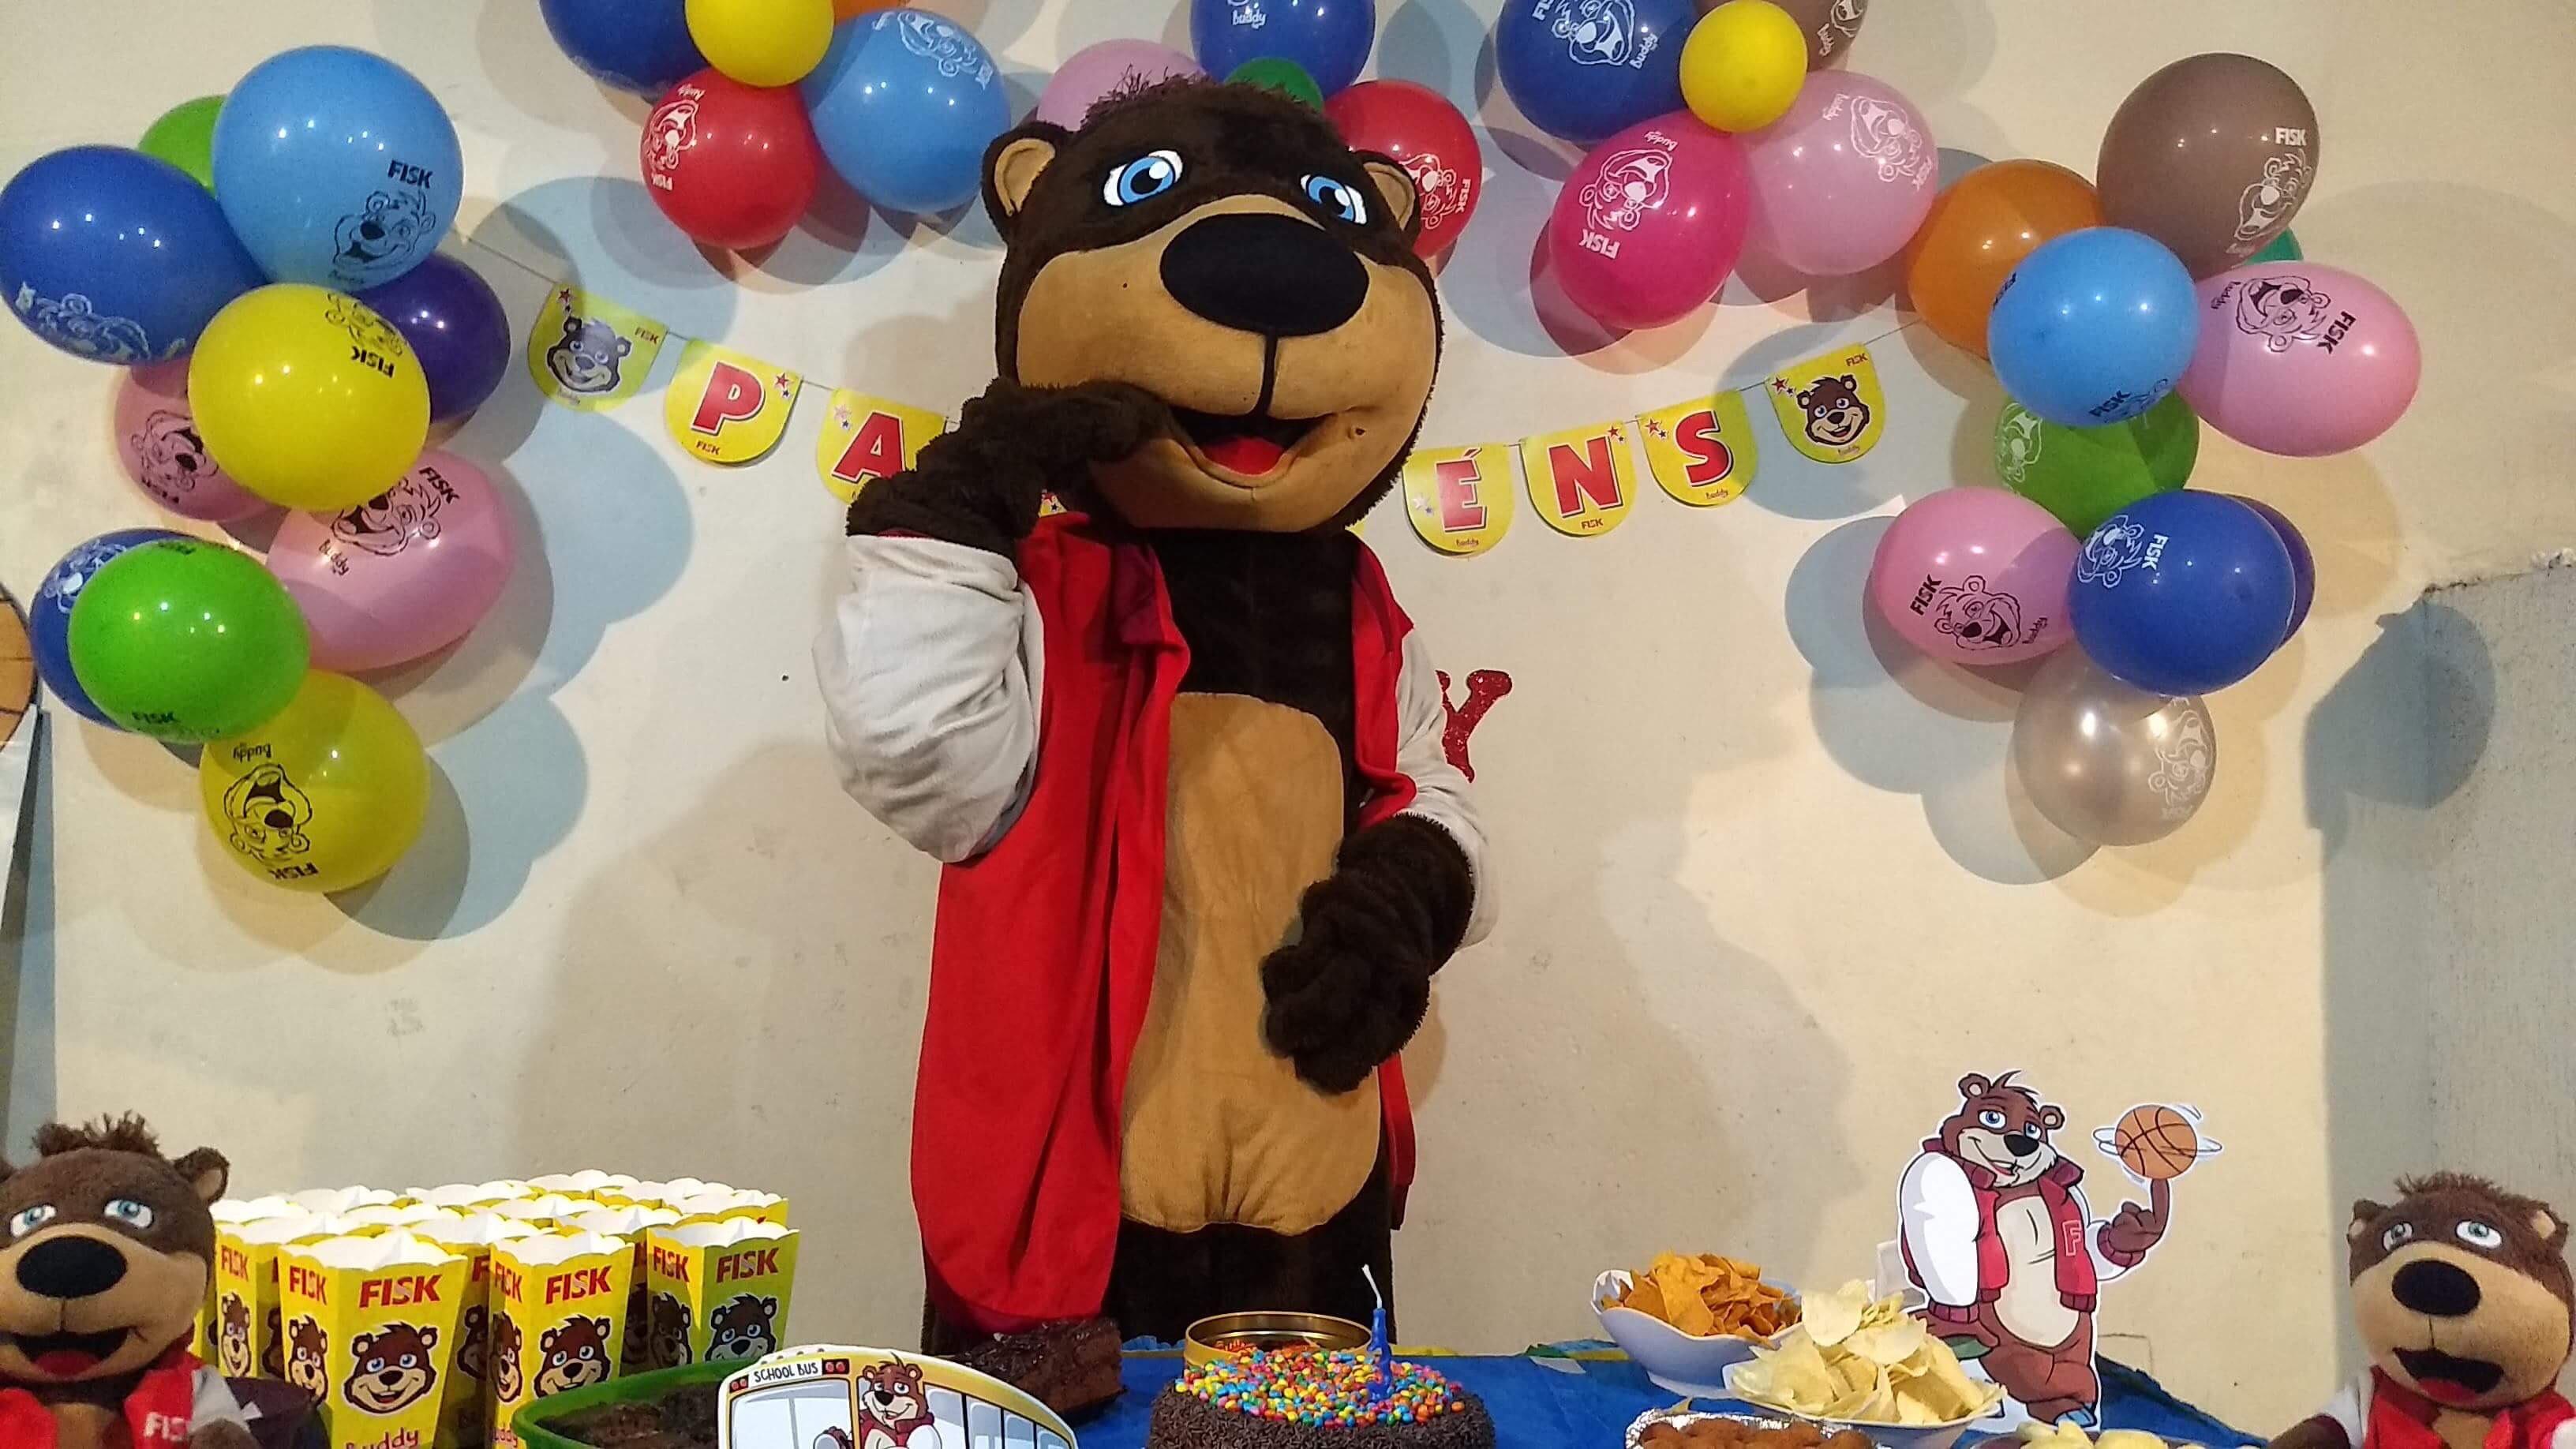 Fisk Niterói (Piratininga)/ RJ: Ação Festa do Buddy